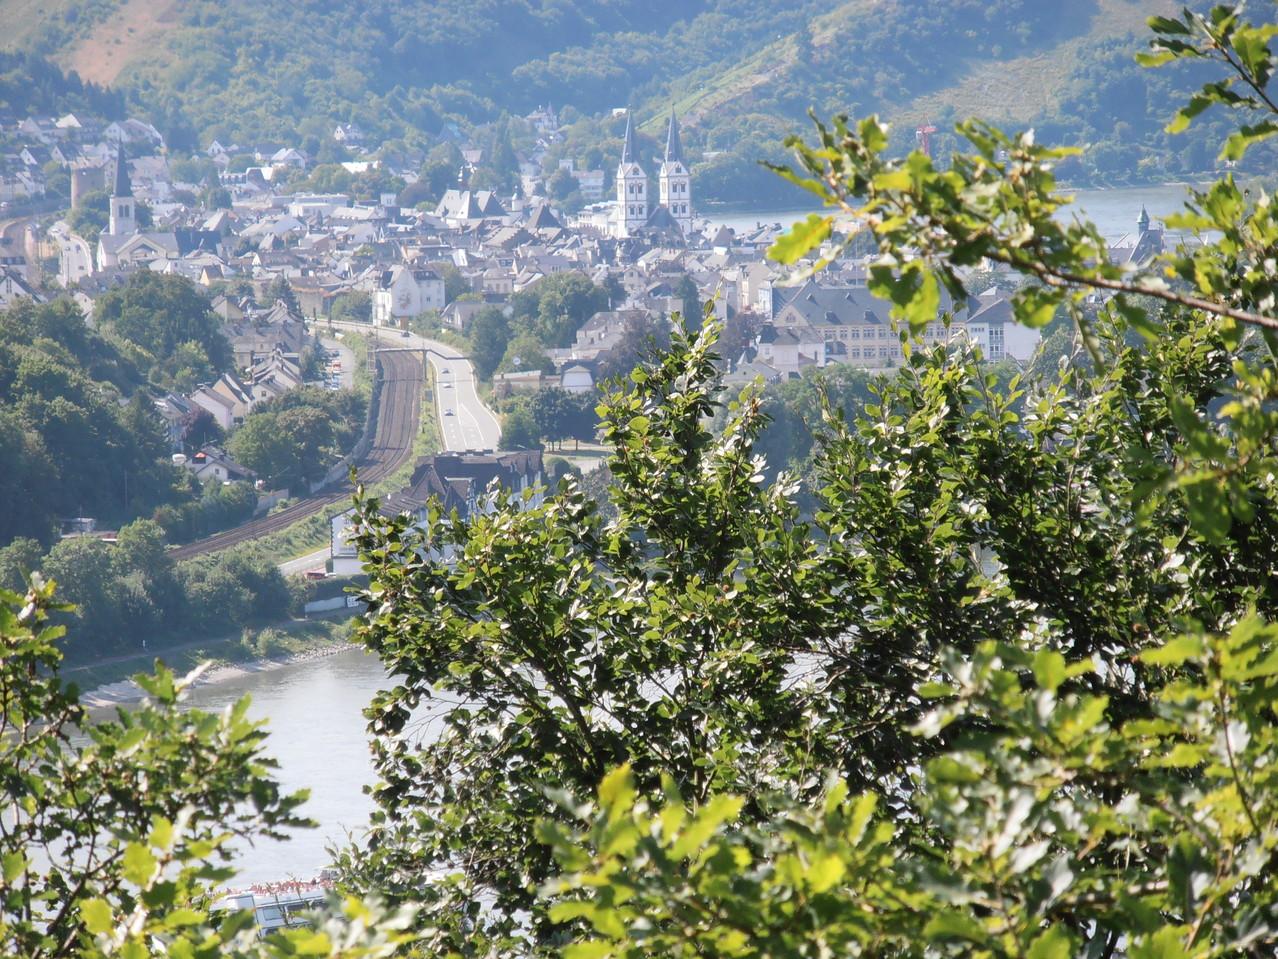 Blick auf Boppard vom Rheinsteig